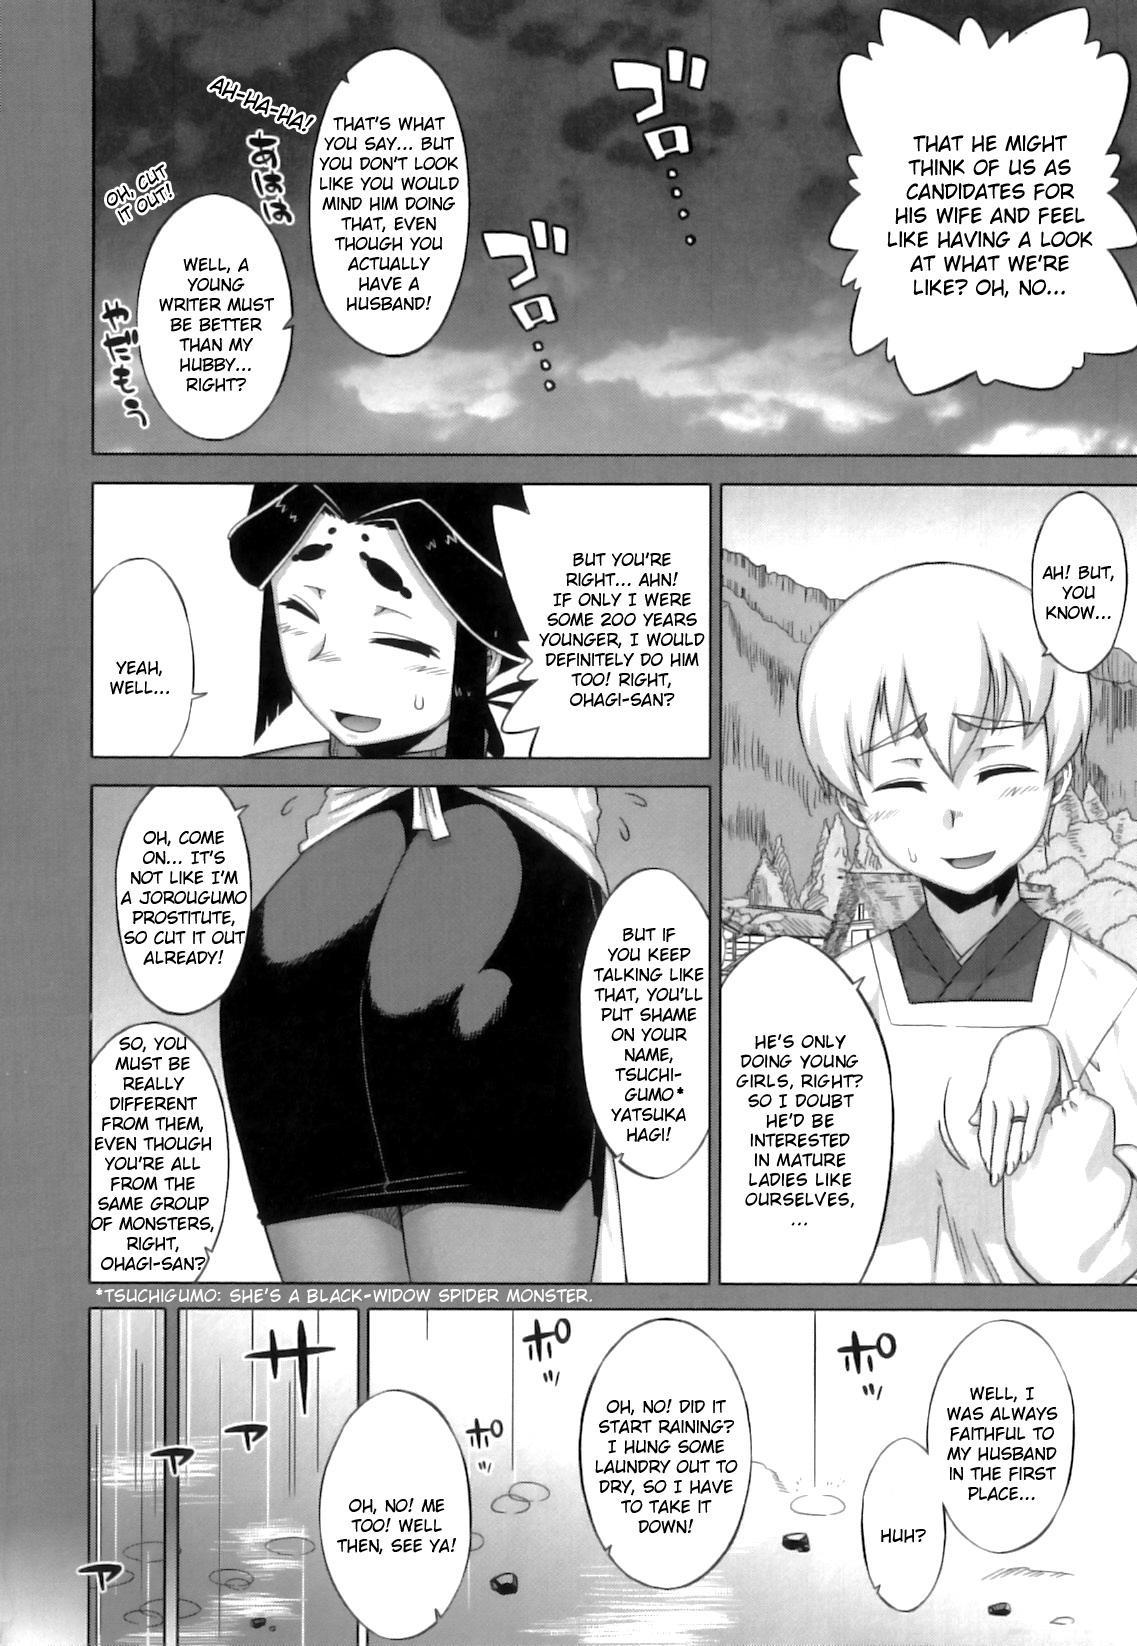 [Takatsu] DH! ~Himorogi Hyaku Yome Gatari~ | Demon-Hentai! - Shrine of One Hundred Wives [English] {doujin-moe.us} 65